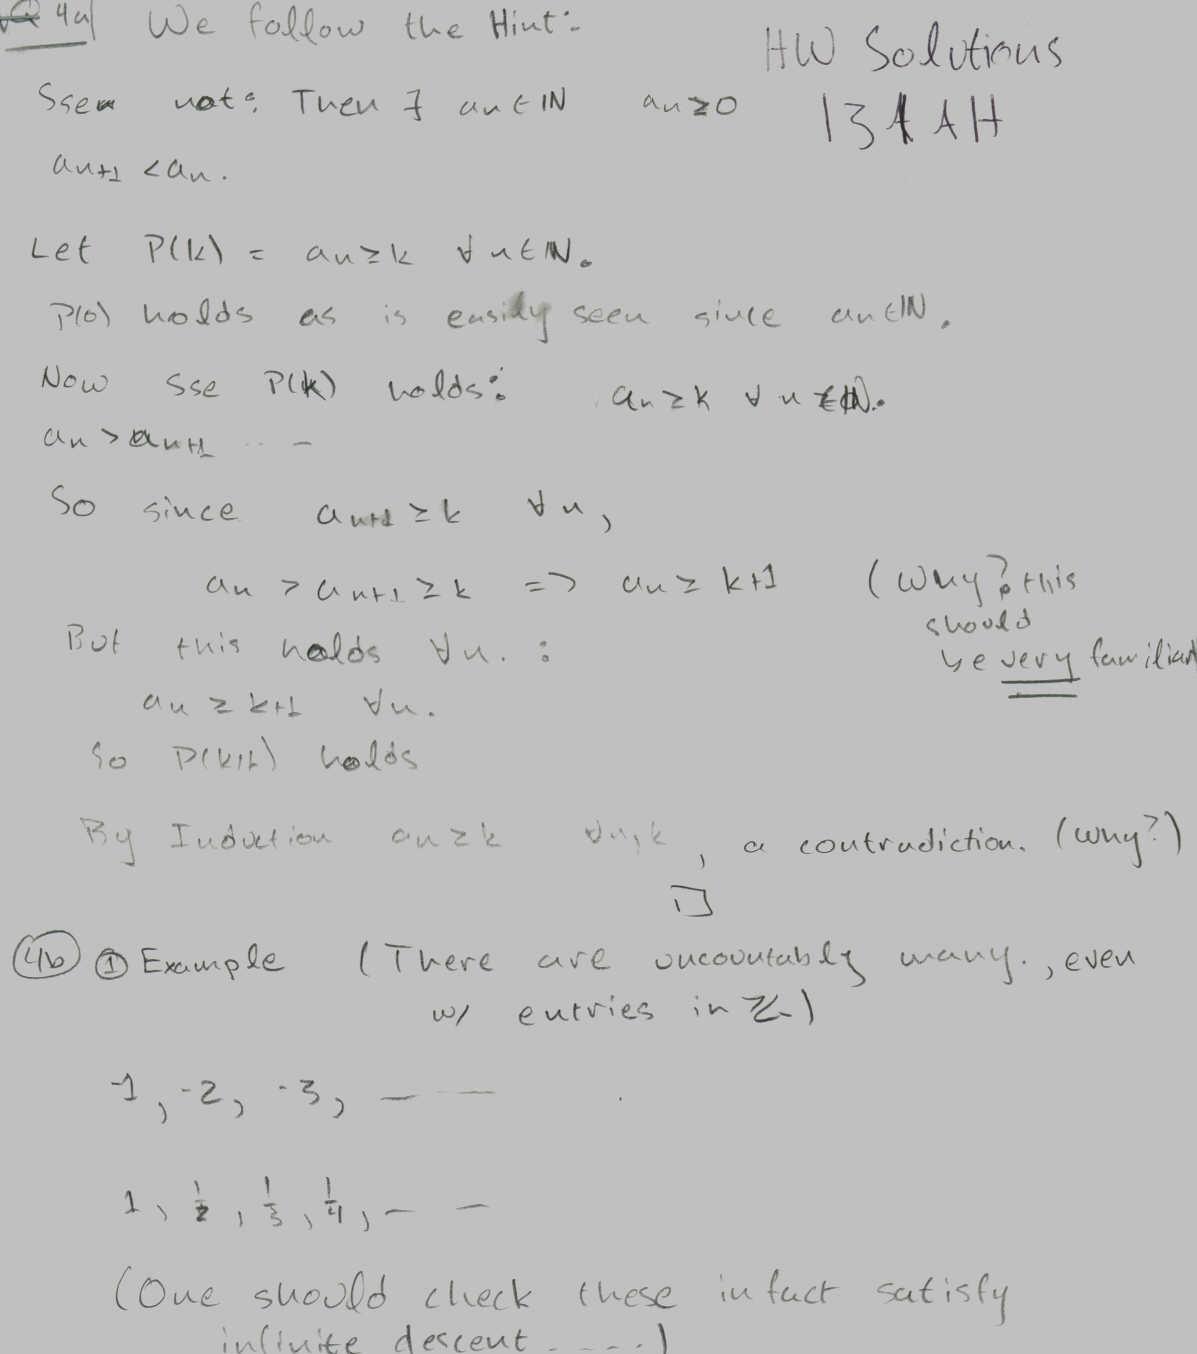 Math 131AH